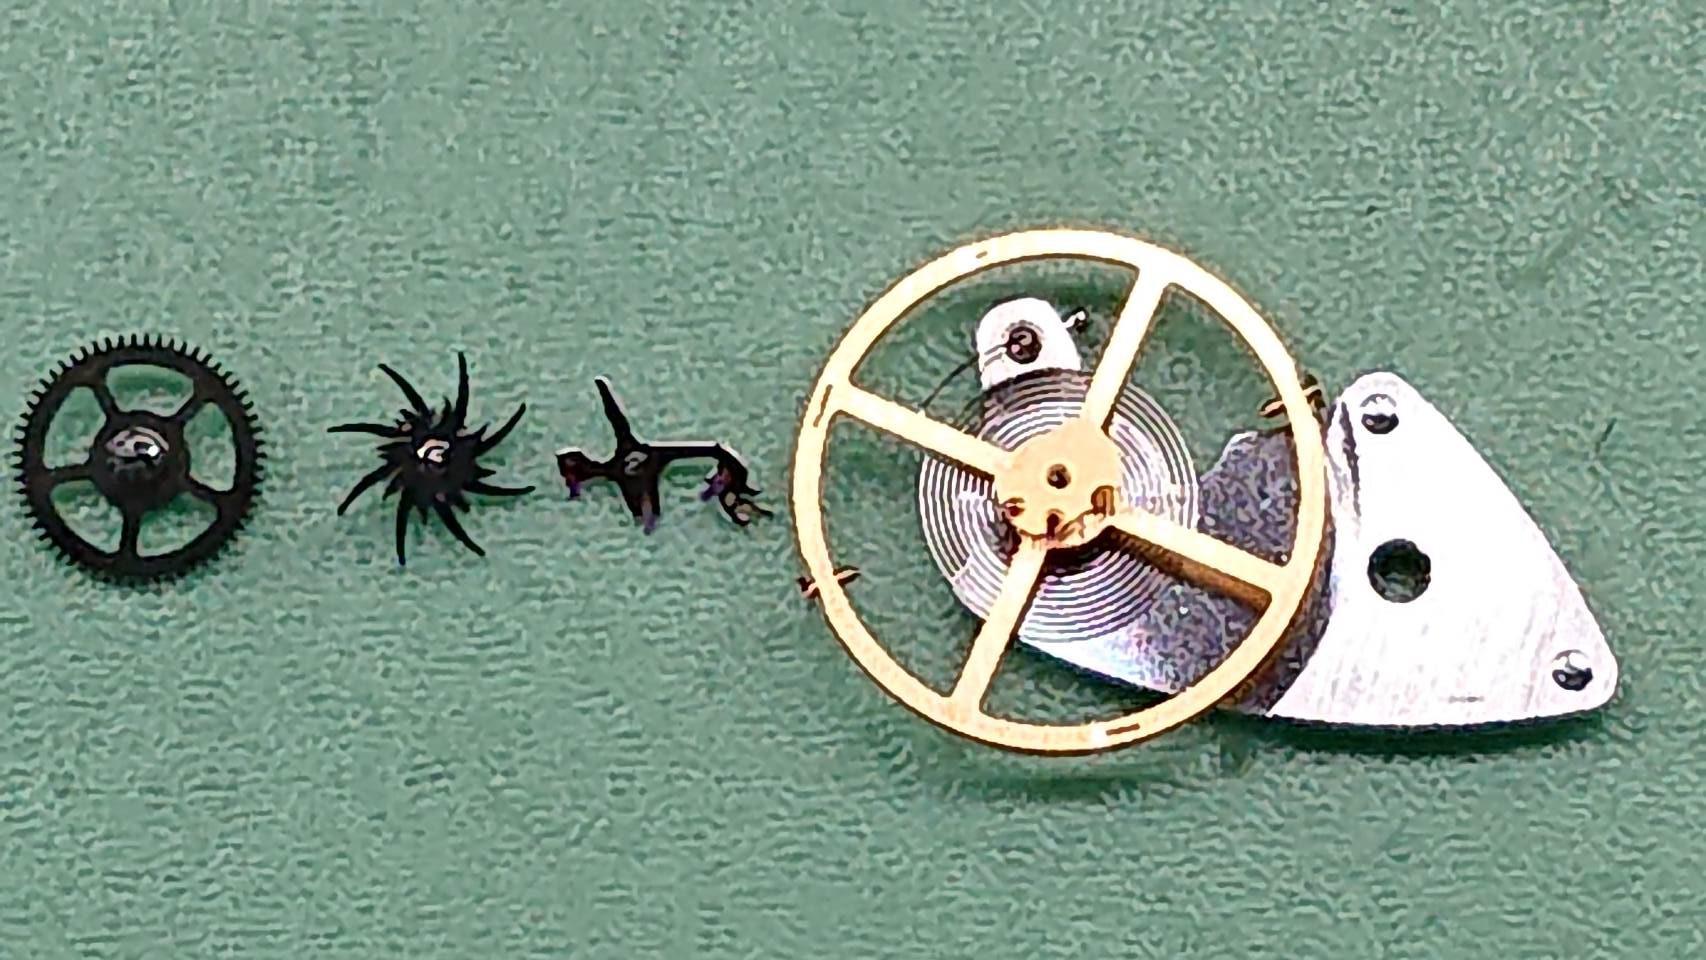 オメガ オーバーホール(分解掃除)は新潟市ブローチ時計修理工房にお任せください!